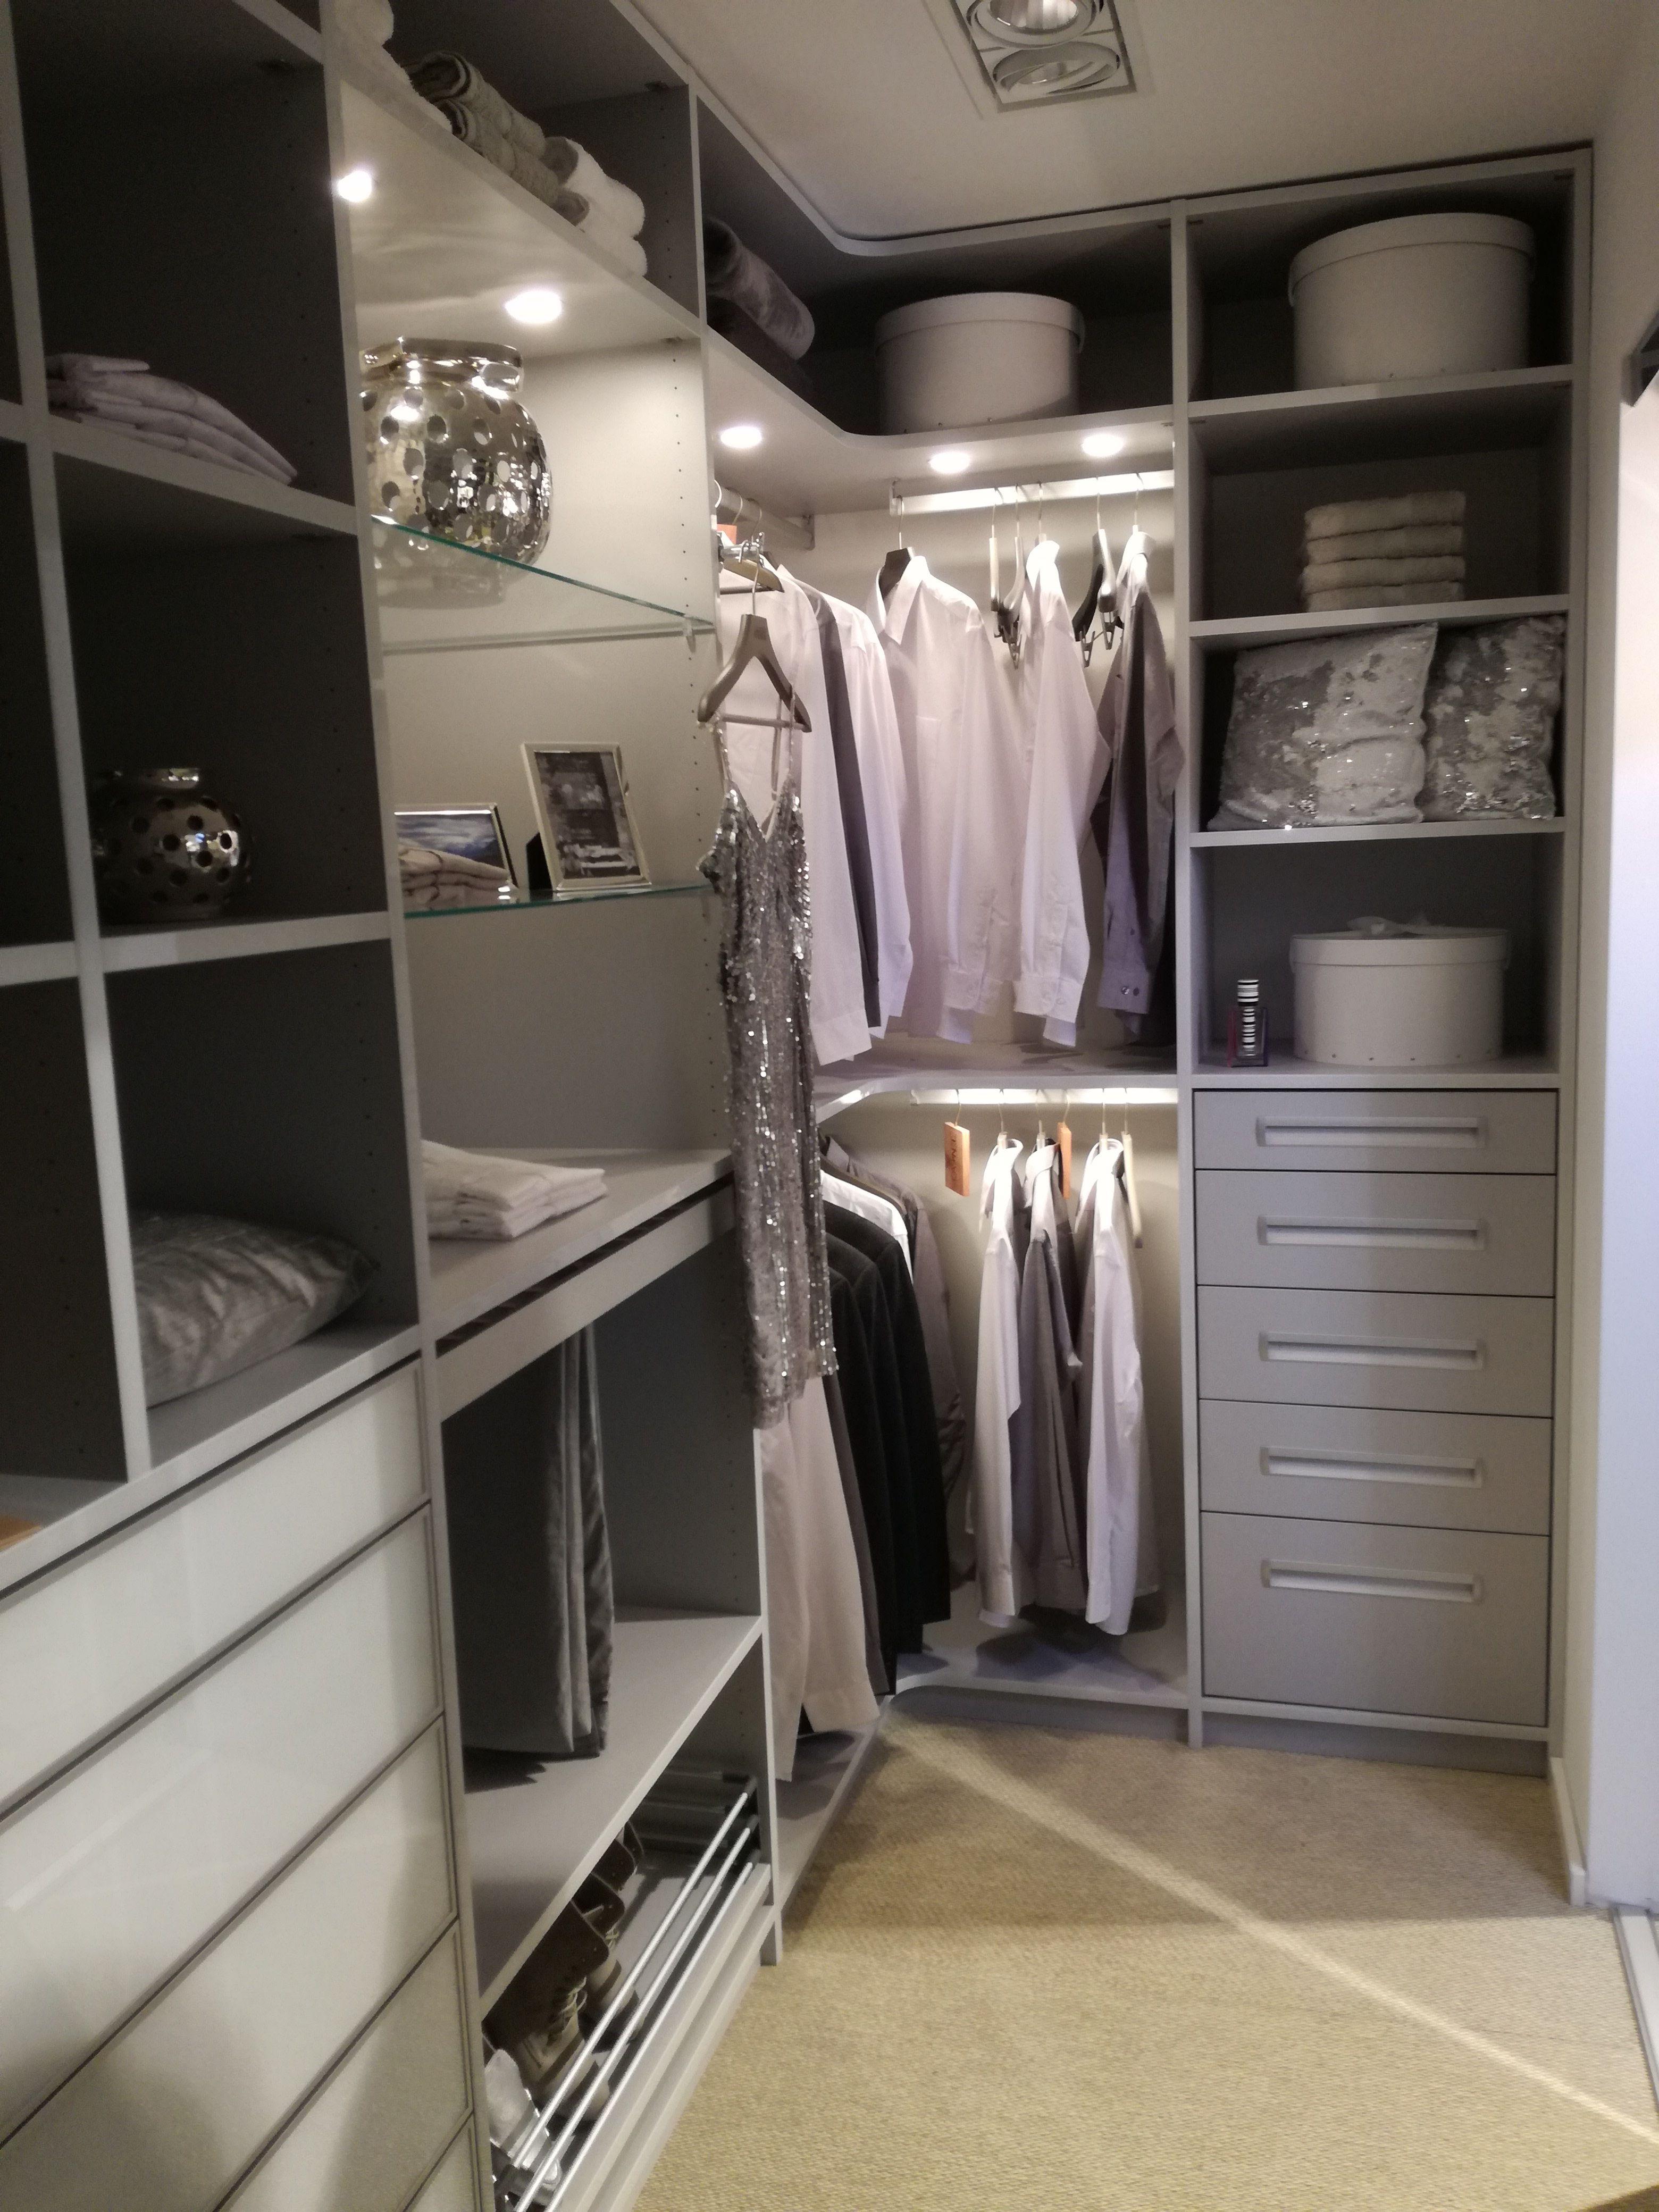 Einbauschranke Nach Mass Begehbare Kleiderschranke Begehbarer Kleiderschrank Begehbarer Kleiderschrank Ideen Ankleide